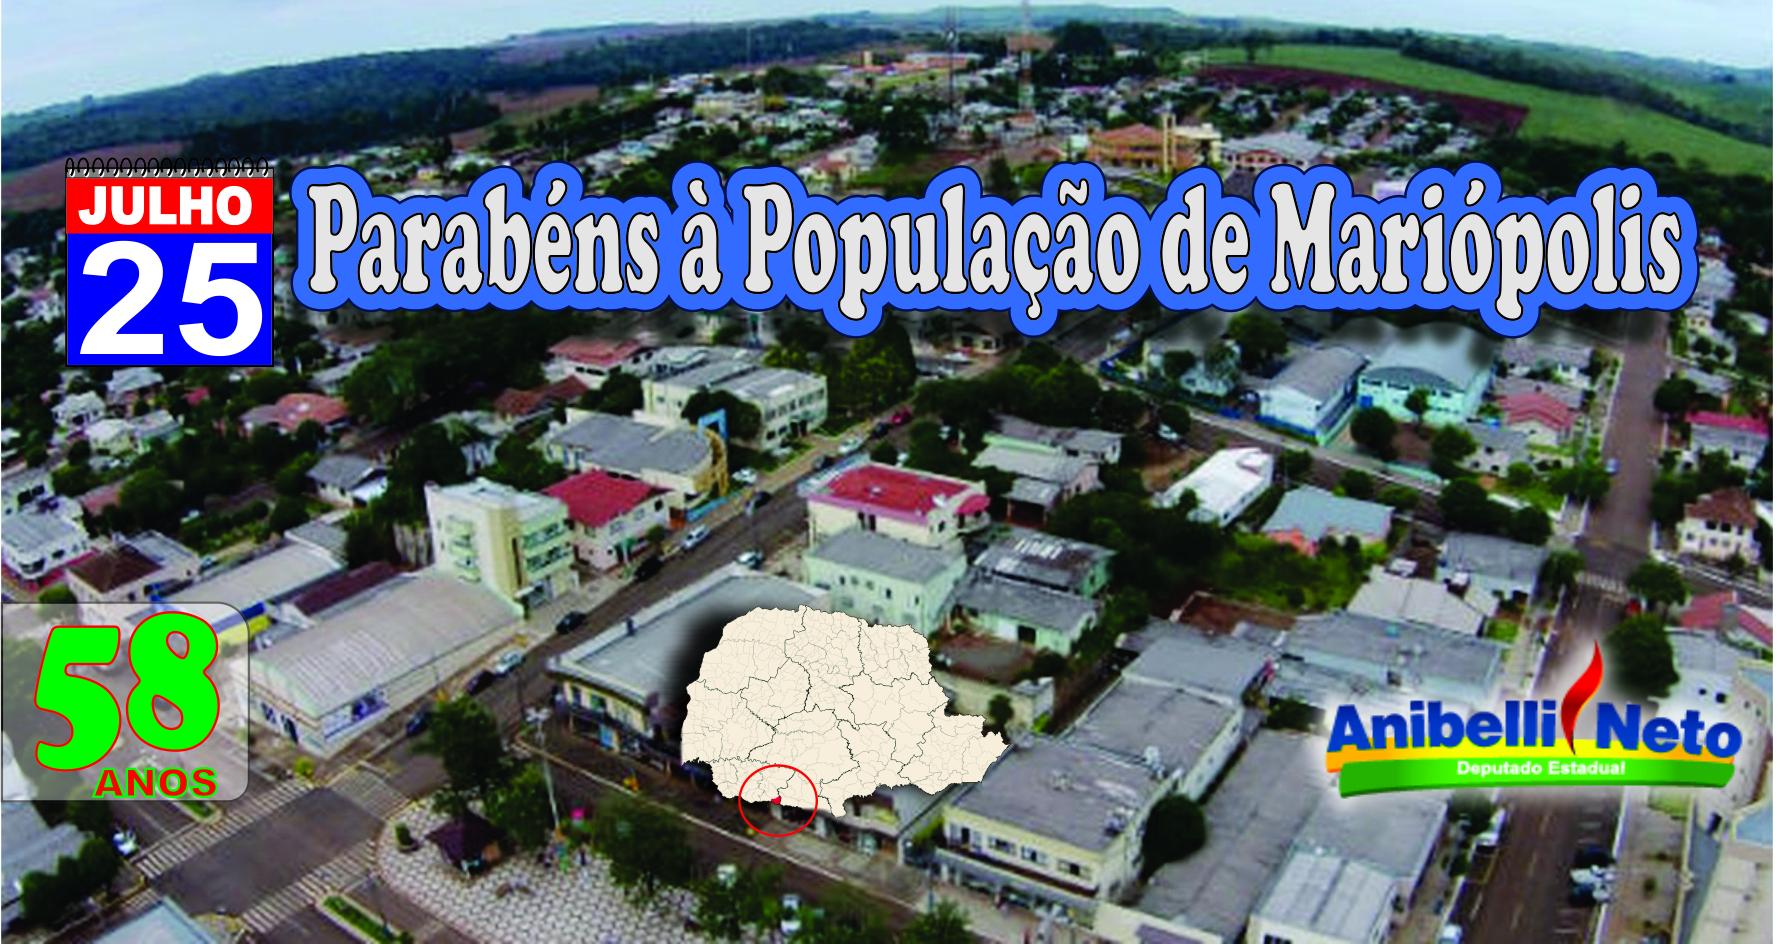 Mariópolis Paraná fonte: anibelli.com.br